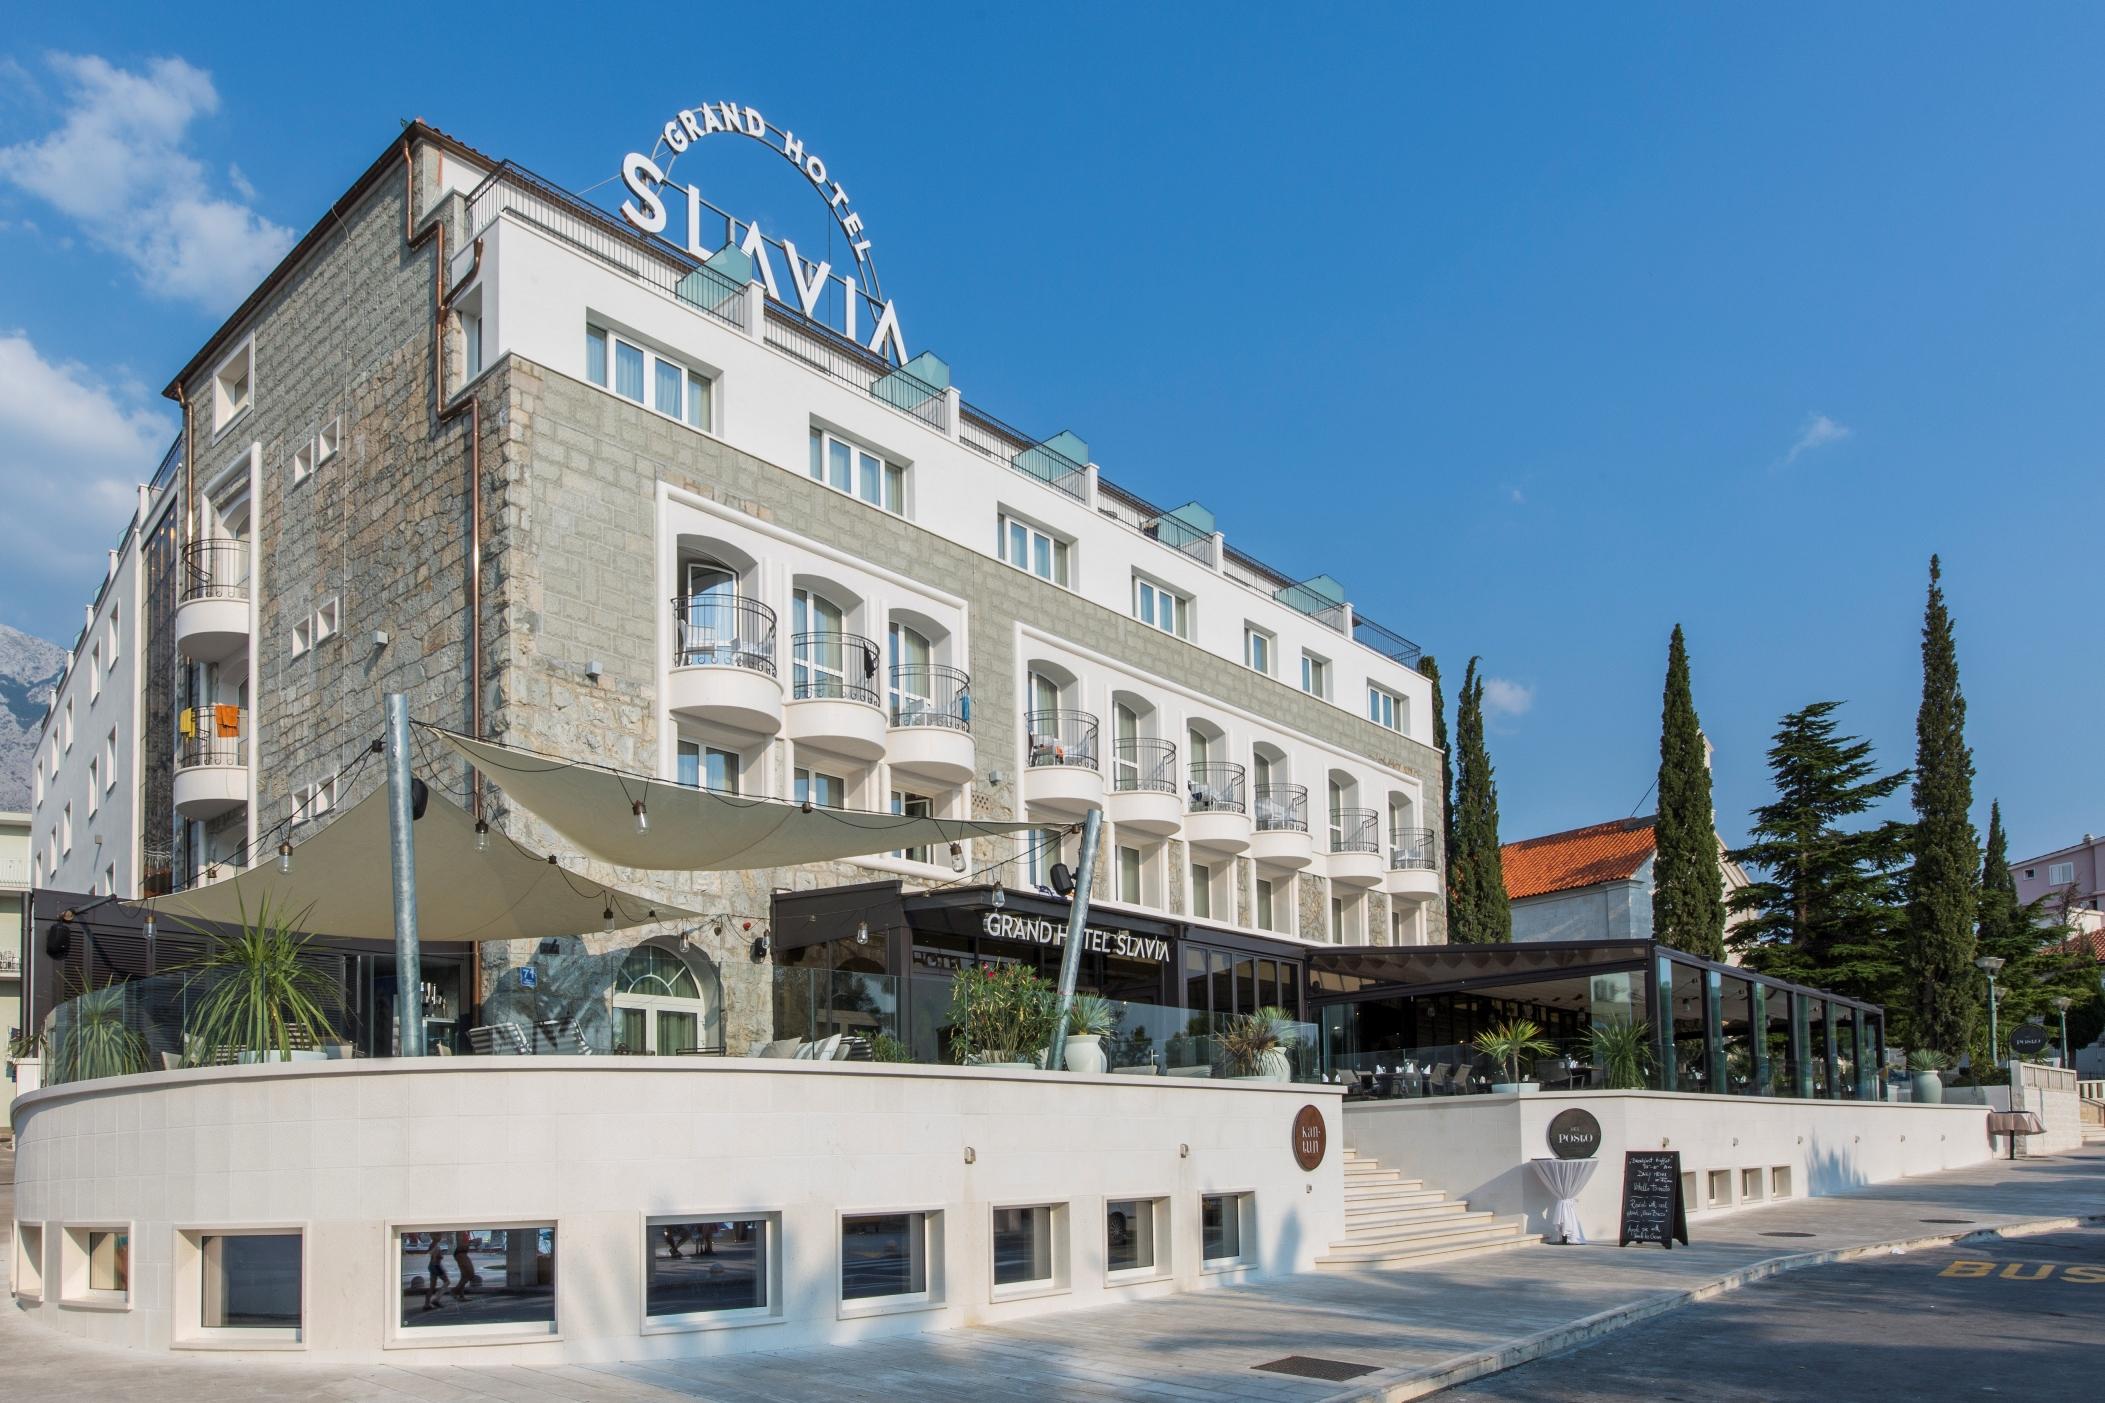 Grand hotel Slavia 1